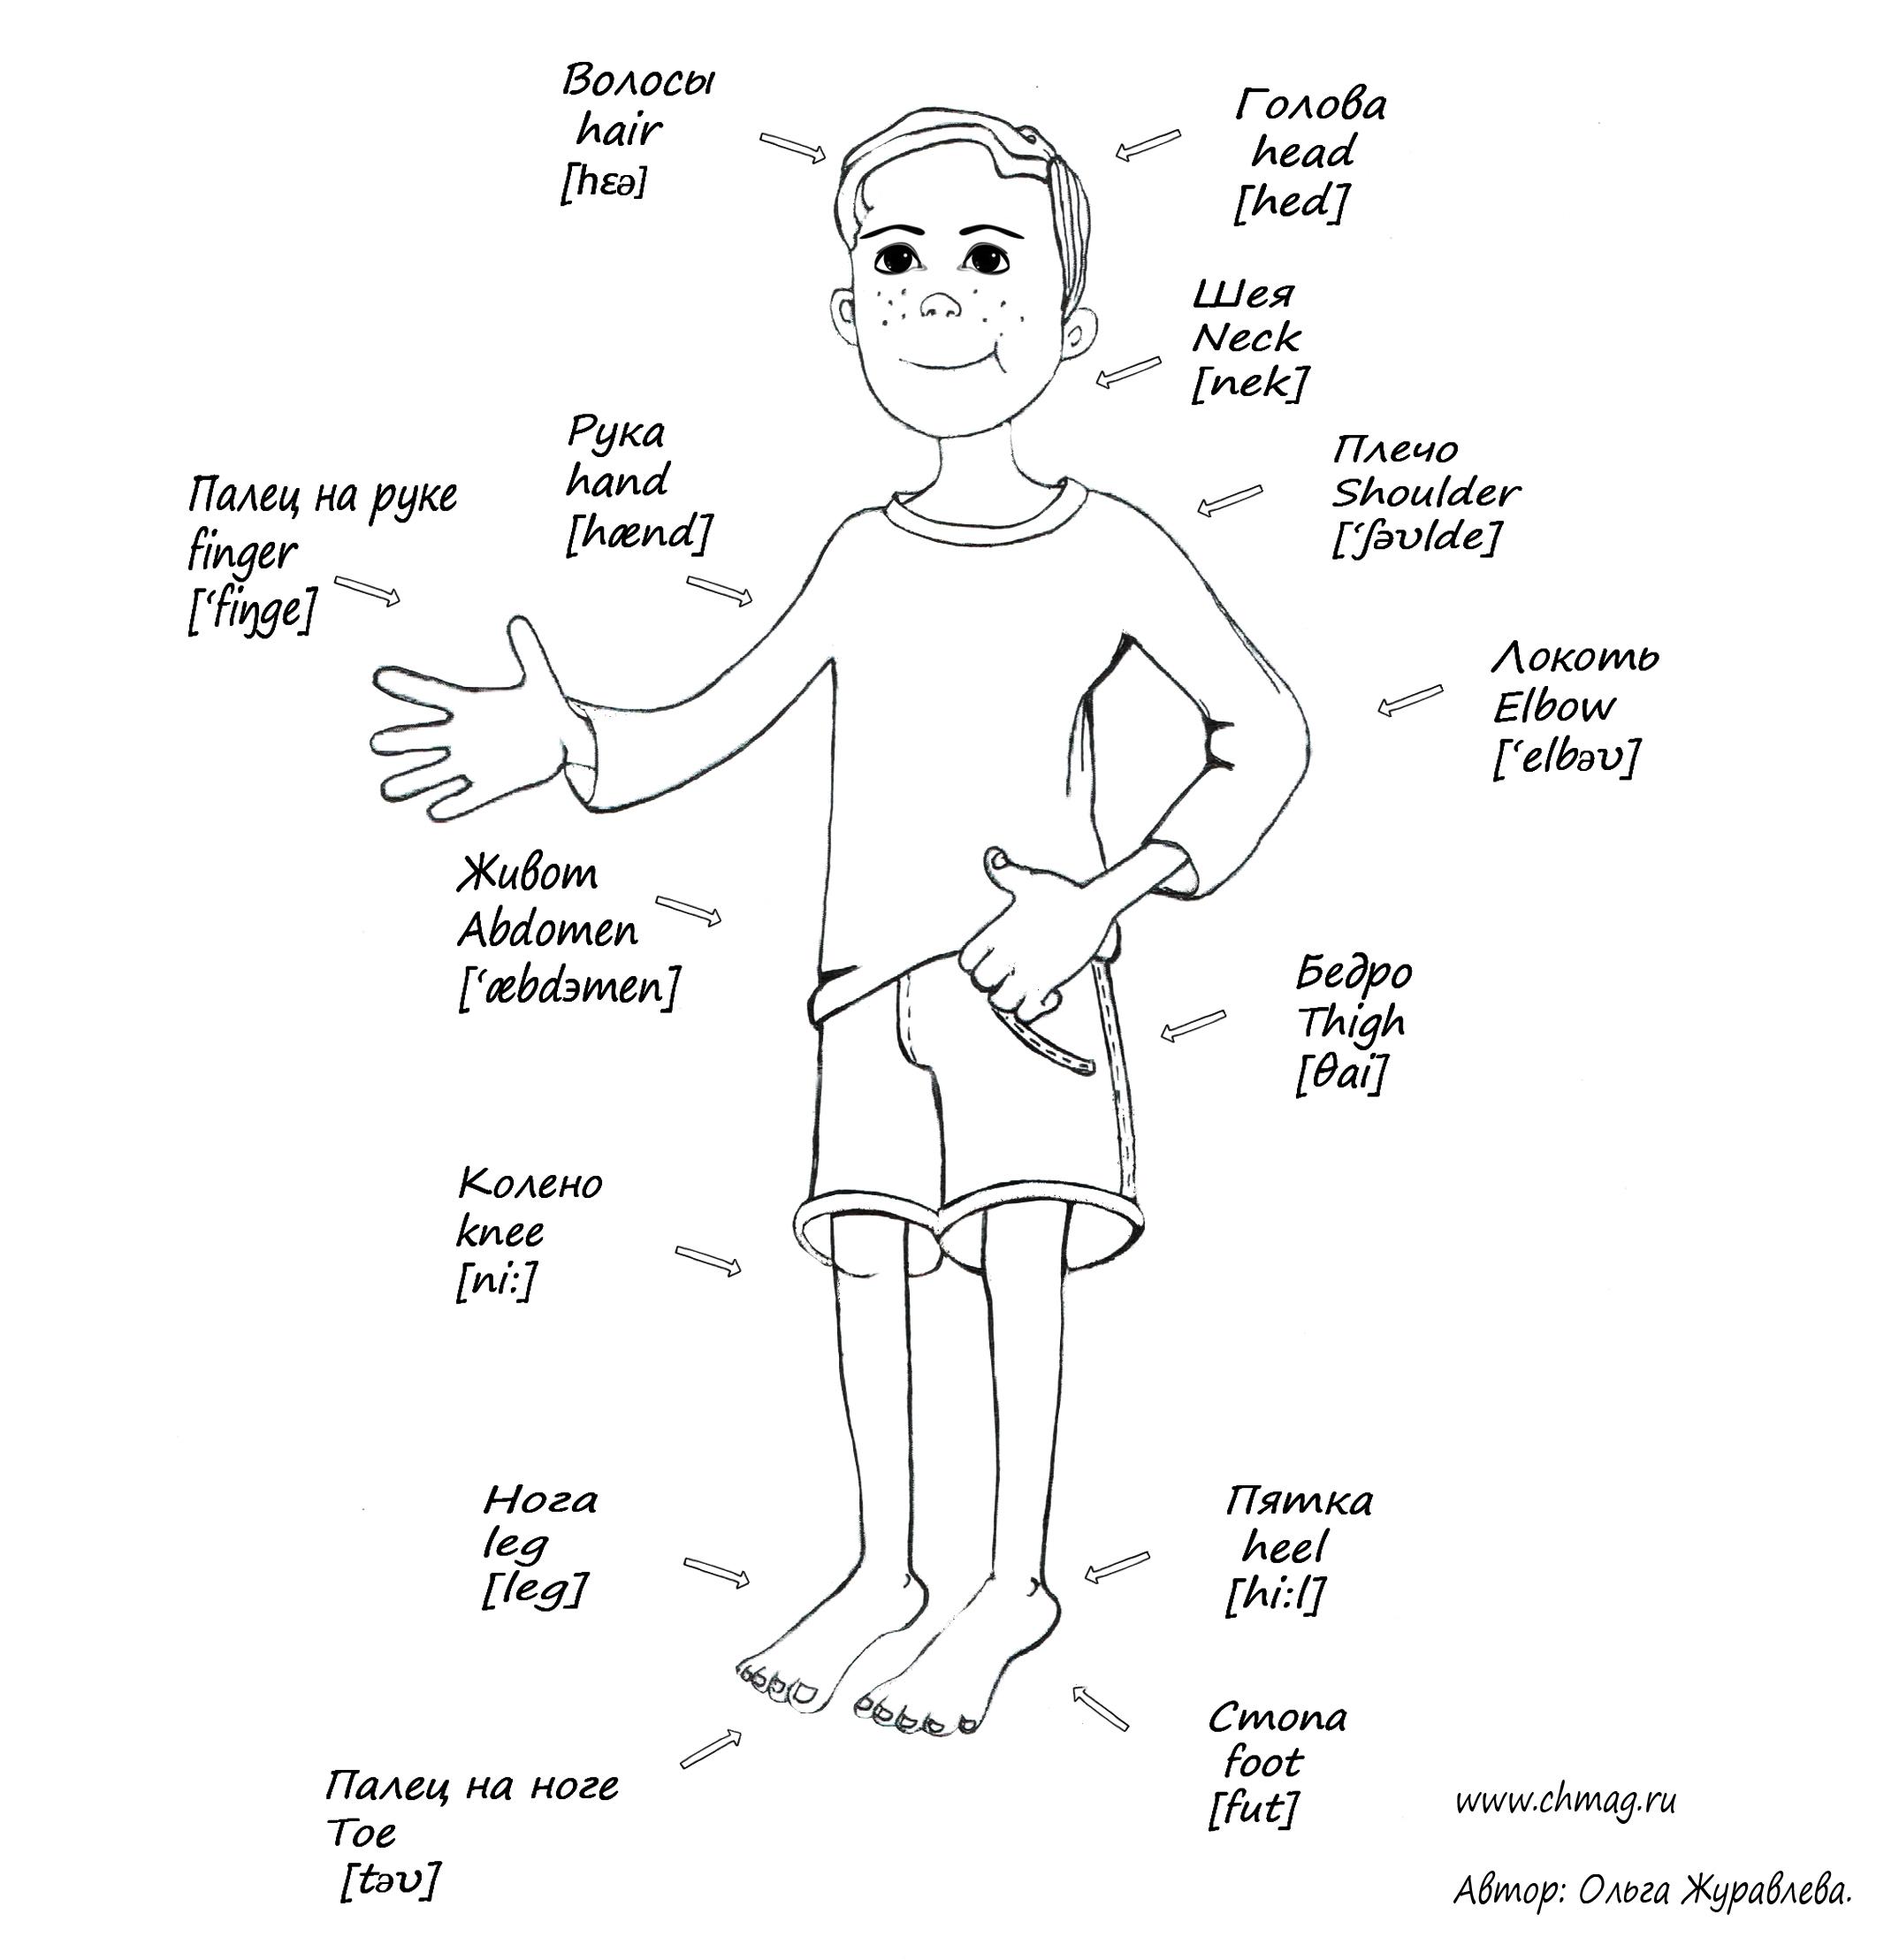 Части тела человека на английском в картинках